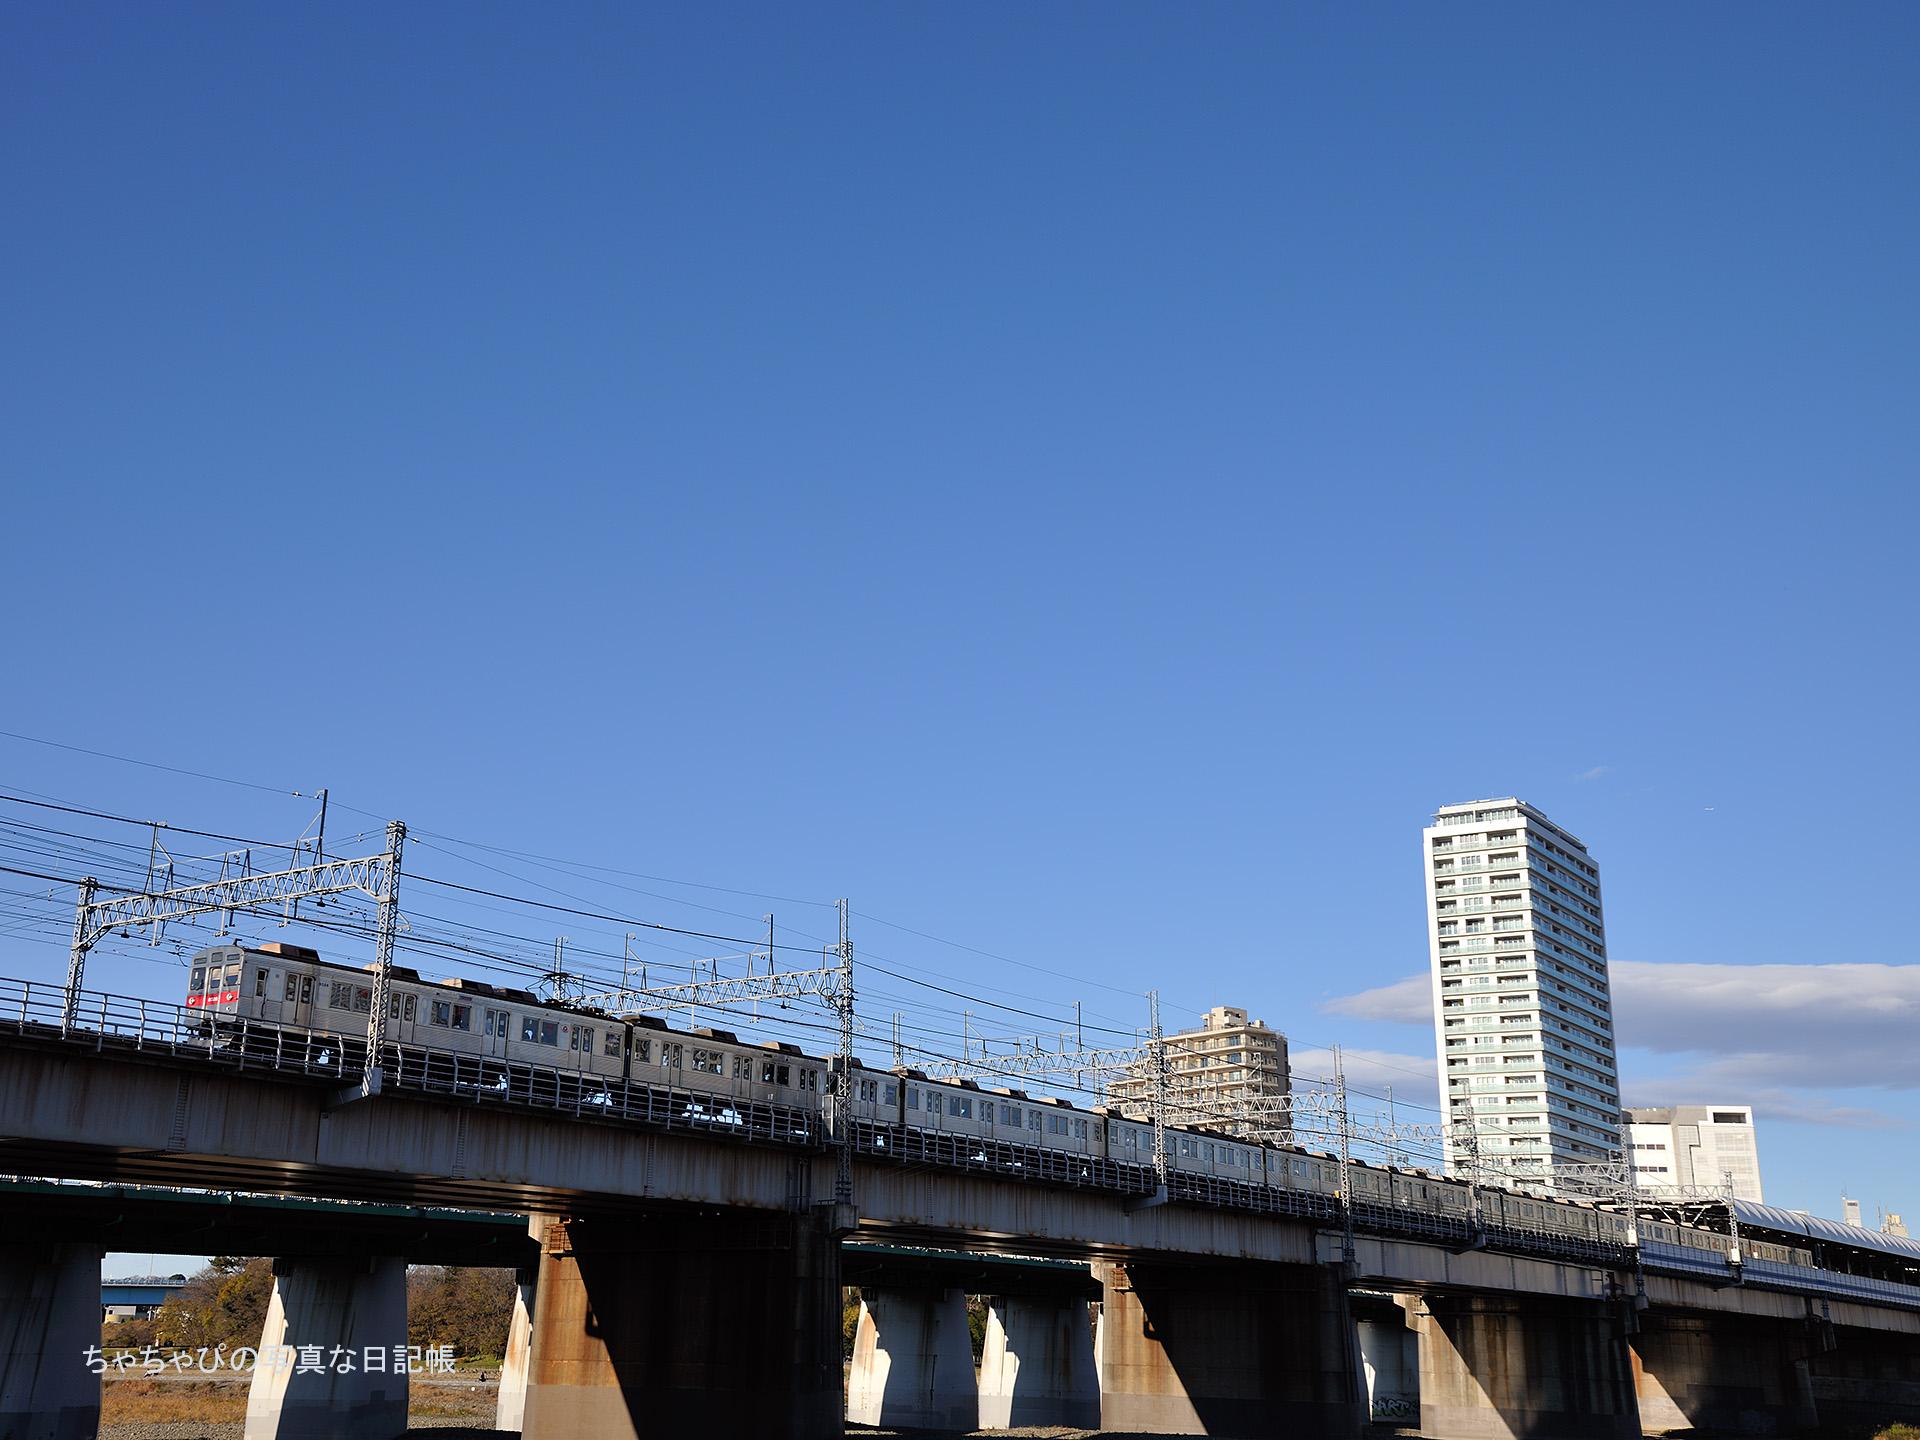 東急田園都市線 二子玉川駅~二子新地駅 8500系 -04ゥ 8628F-